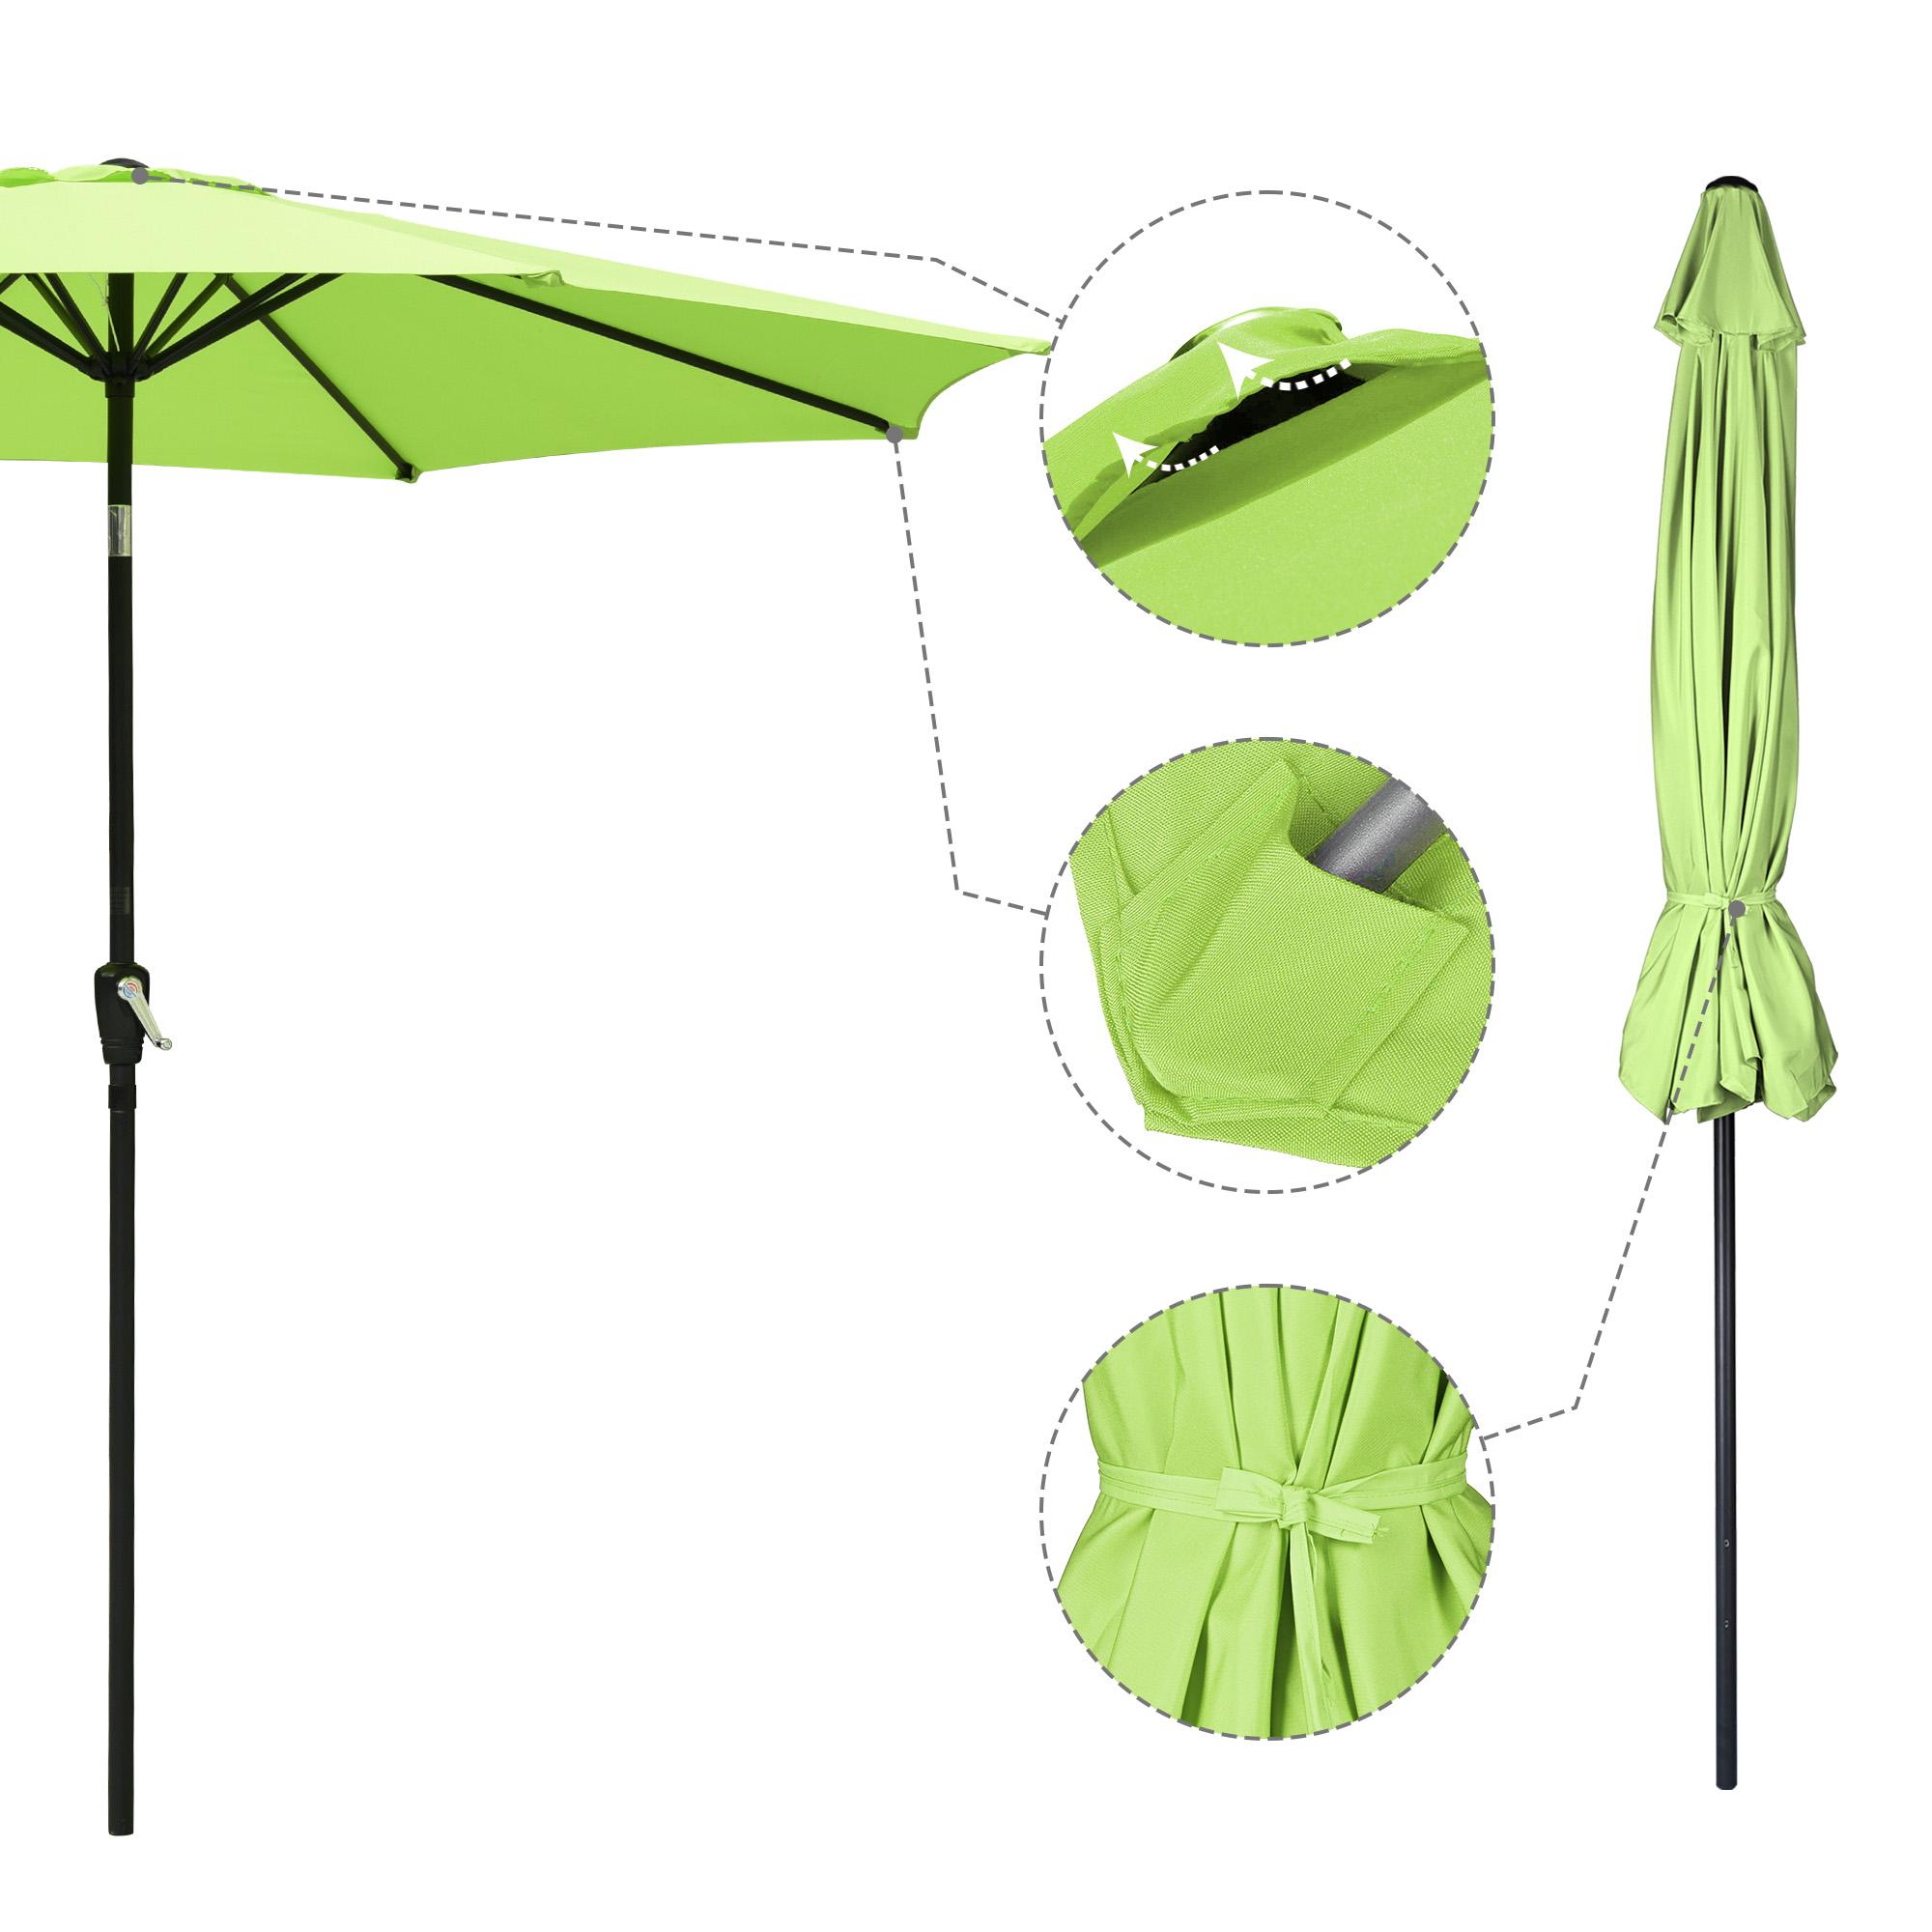 thumbnail 15 - 9' Outdoor Umbrella Patio 8 Ribs Market Garden Crank Tilt Beach Sunshade Parasol